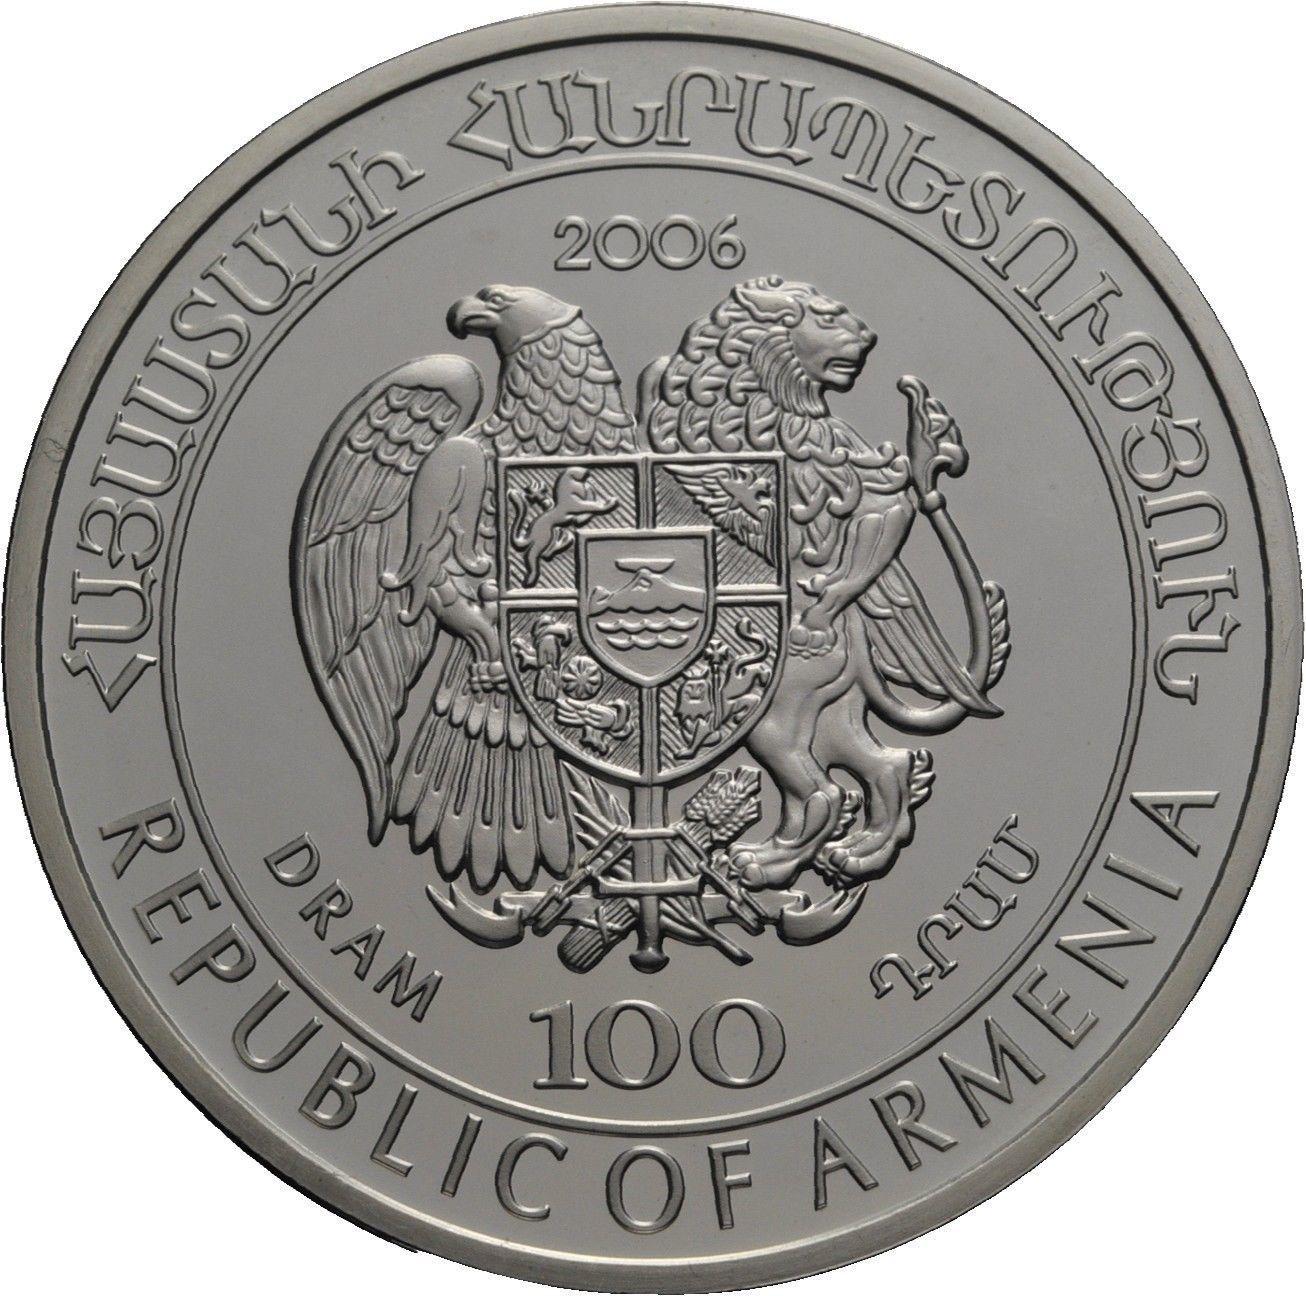 100 драм. Международный полярный год. Корабль Парусник Фритьоф Нансен. Армения. 2006 год